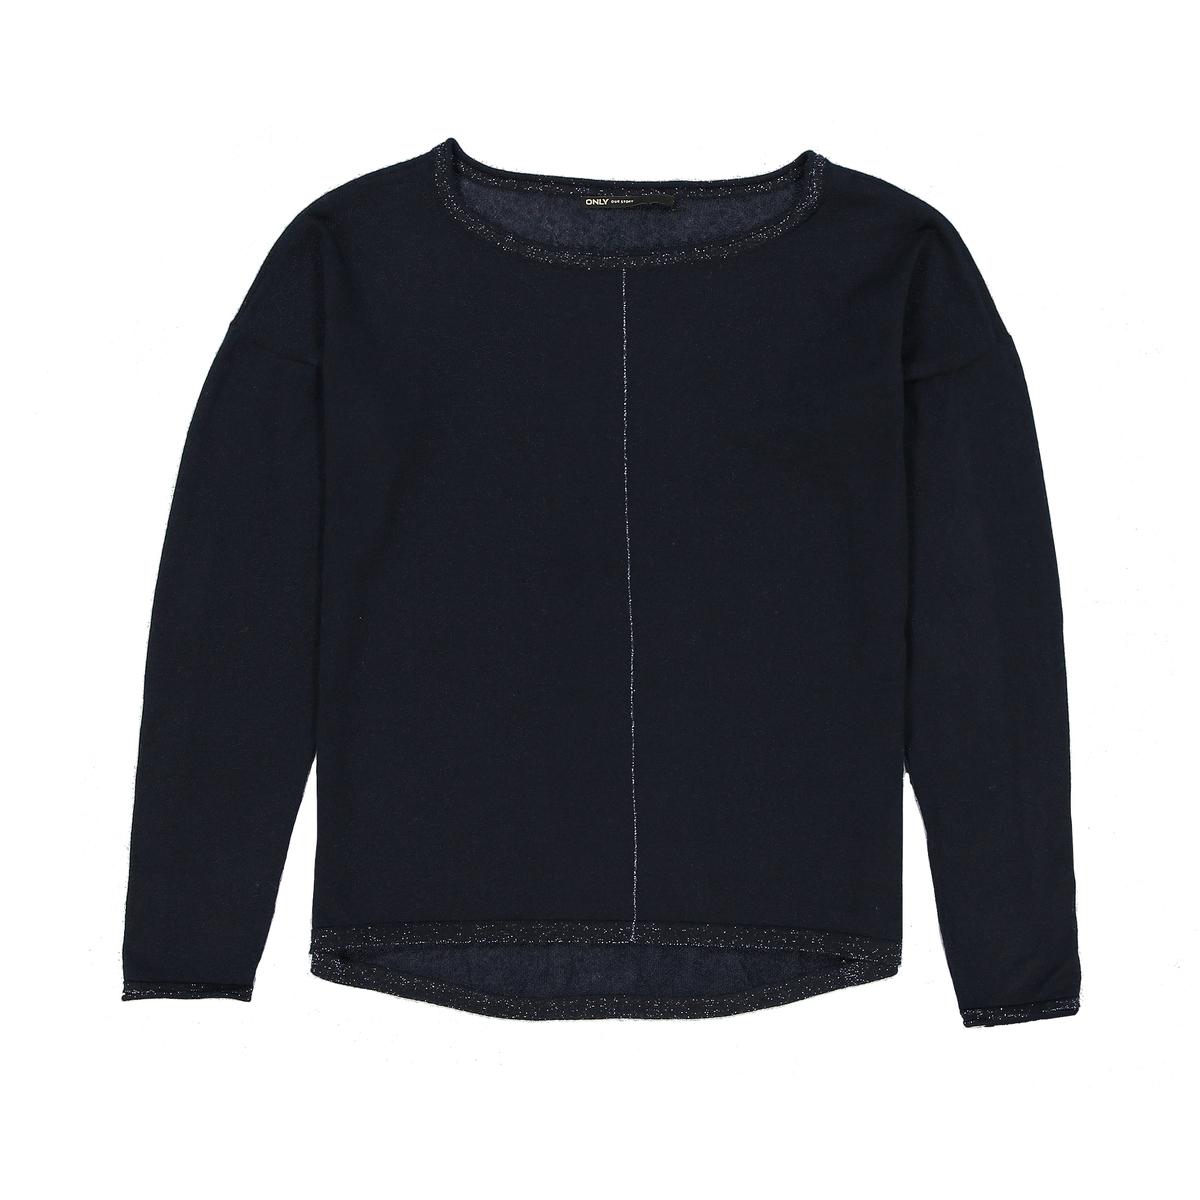 Пуловер с длинными рукавамиДетали   •  Пуловер классический •  Длинные рукава •  Круглый вырез •  Тонкий трикотажСостав и уход   •  15% льна, 85% полиэстера •  Следуйте рекомендациям по уходу, указанным на этикетке изделия<br><br>Цвет: серый меланж,синий морской,экрю<br>Размер: M